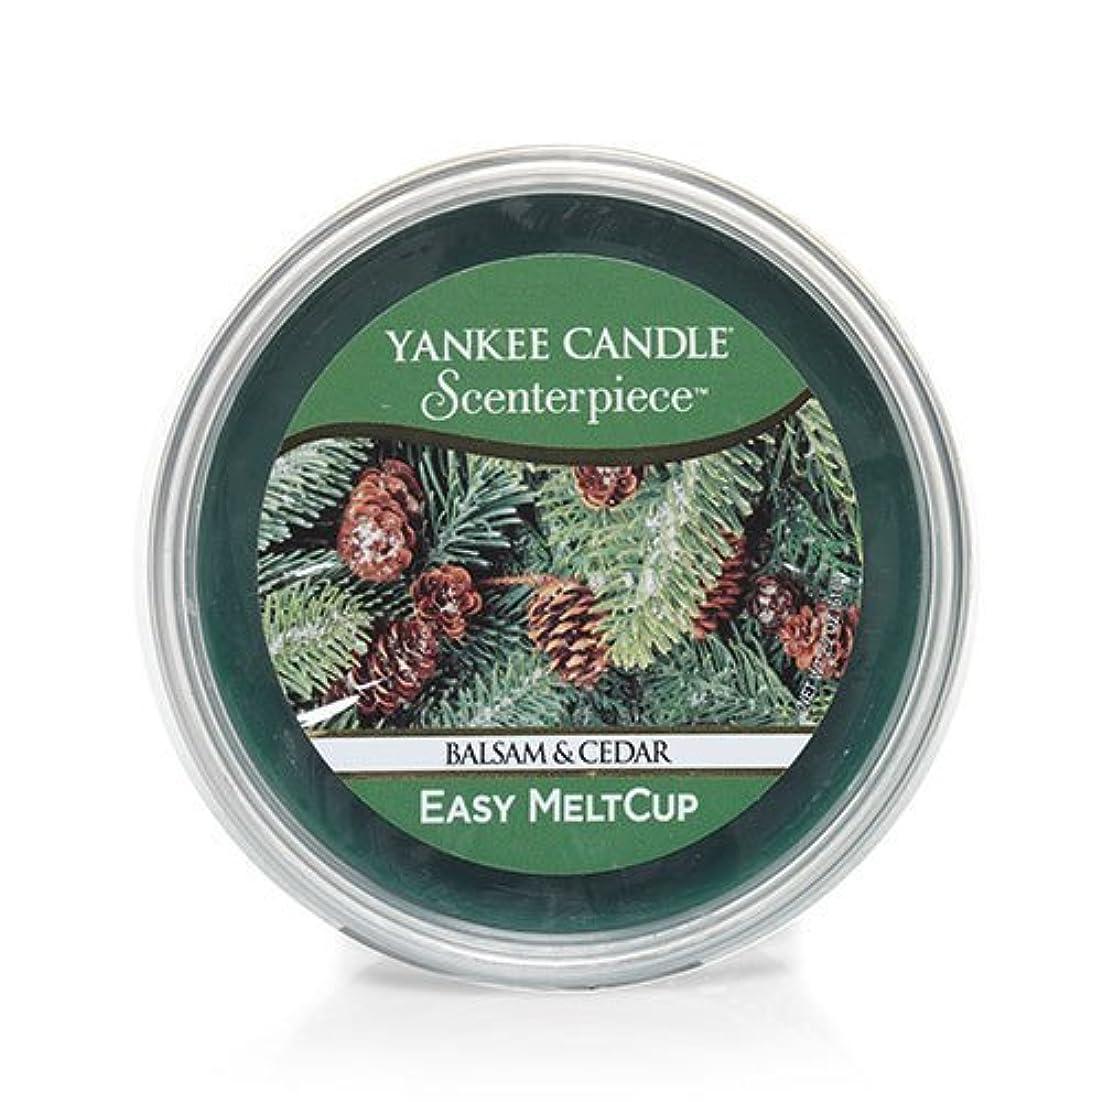 人事ペチュランス試す(ヤンキーキャンドル) Yankee Candle ラージ 22オンス ジャーキャンドル バルサム&シダー Scenterpiece Easy MeltCups 1316938-YC